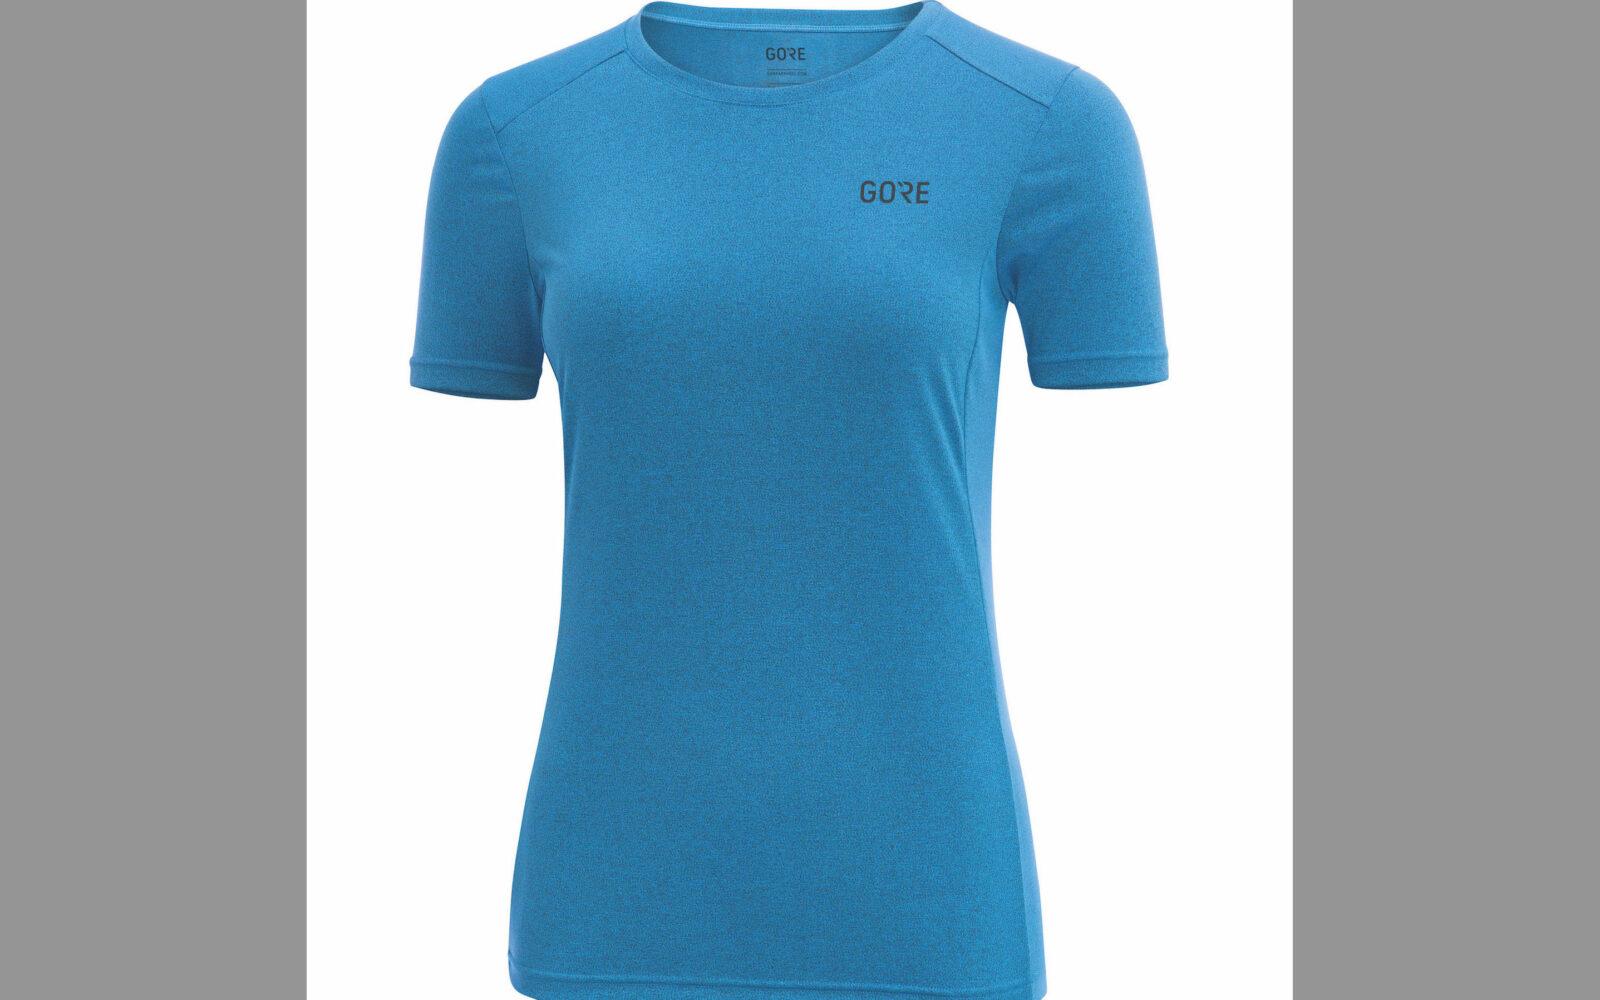 Gore R3 Women Mélange Shirt, in tessuto morbido leggerissimo ad alta traspirabilità, massimo comfort sulla pelle. Euro 49,95